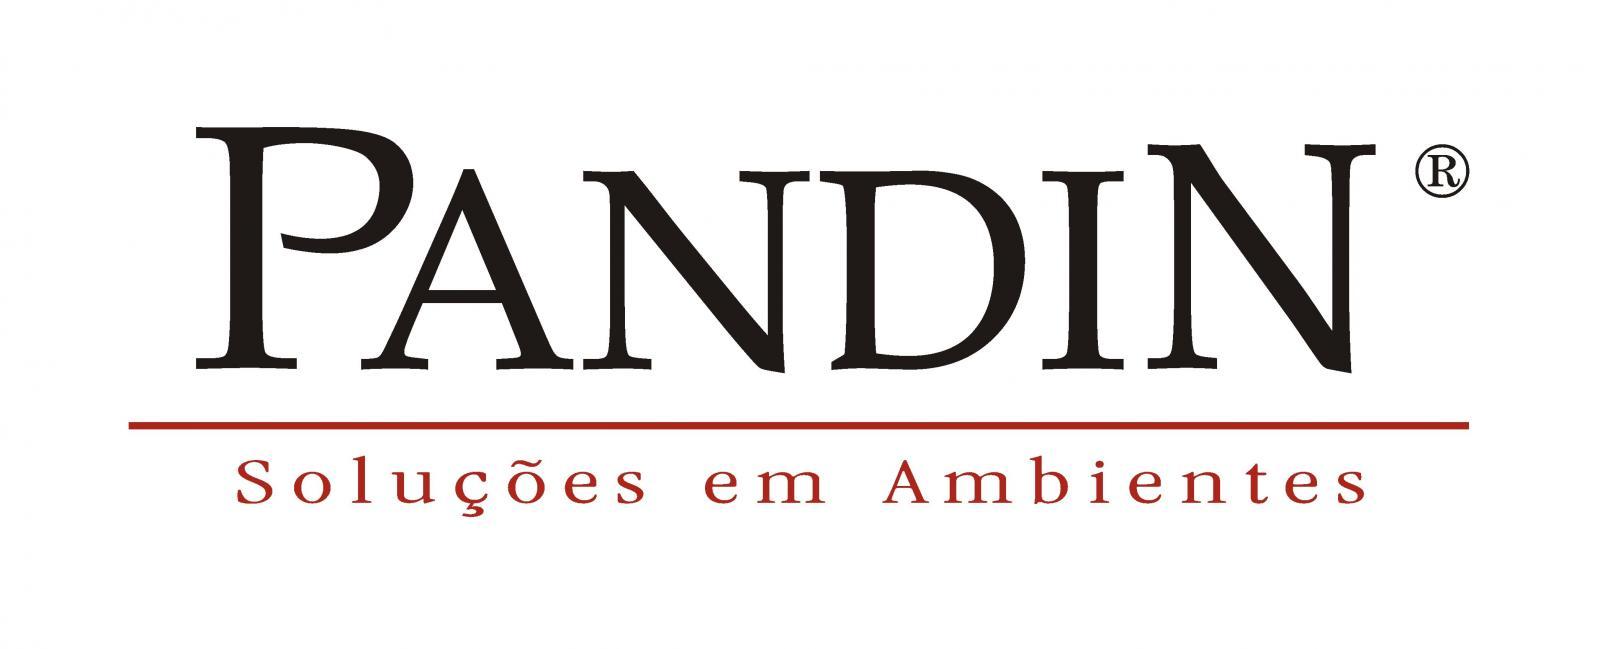 Pandin(4).jpg